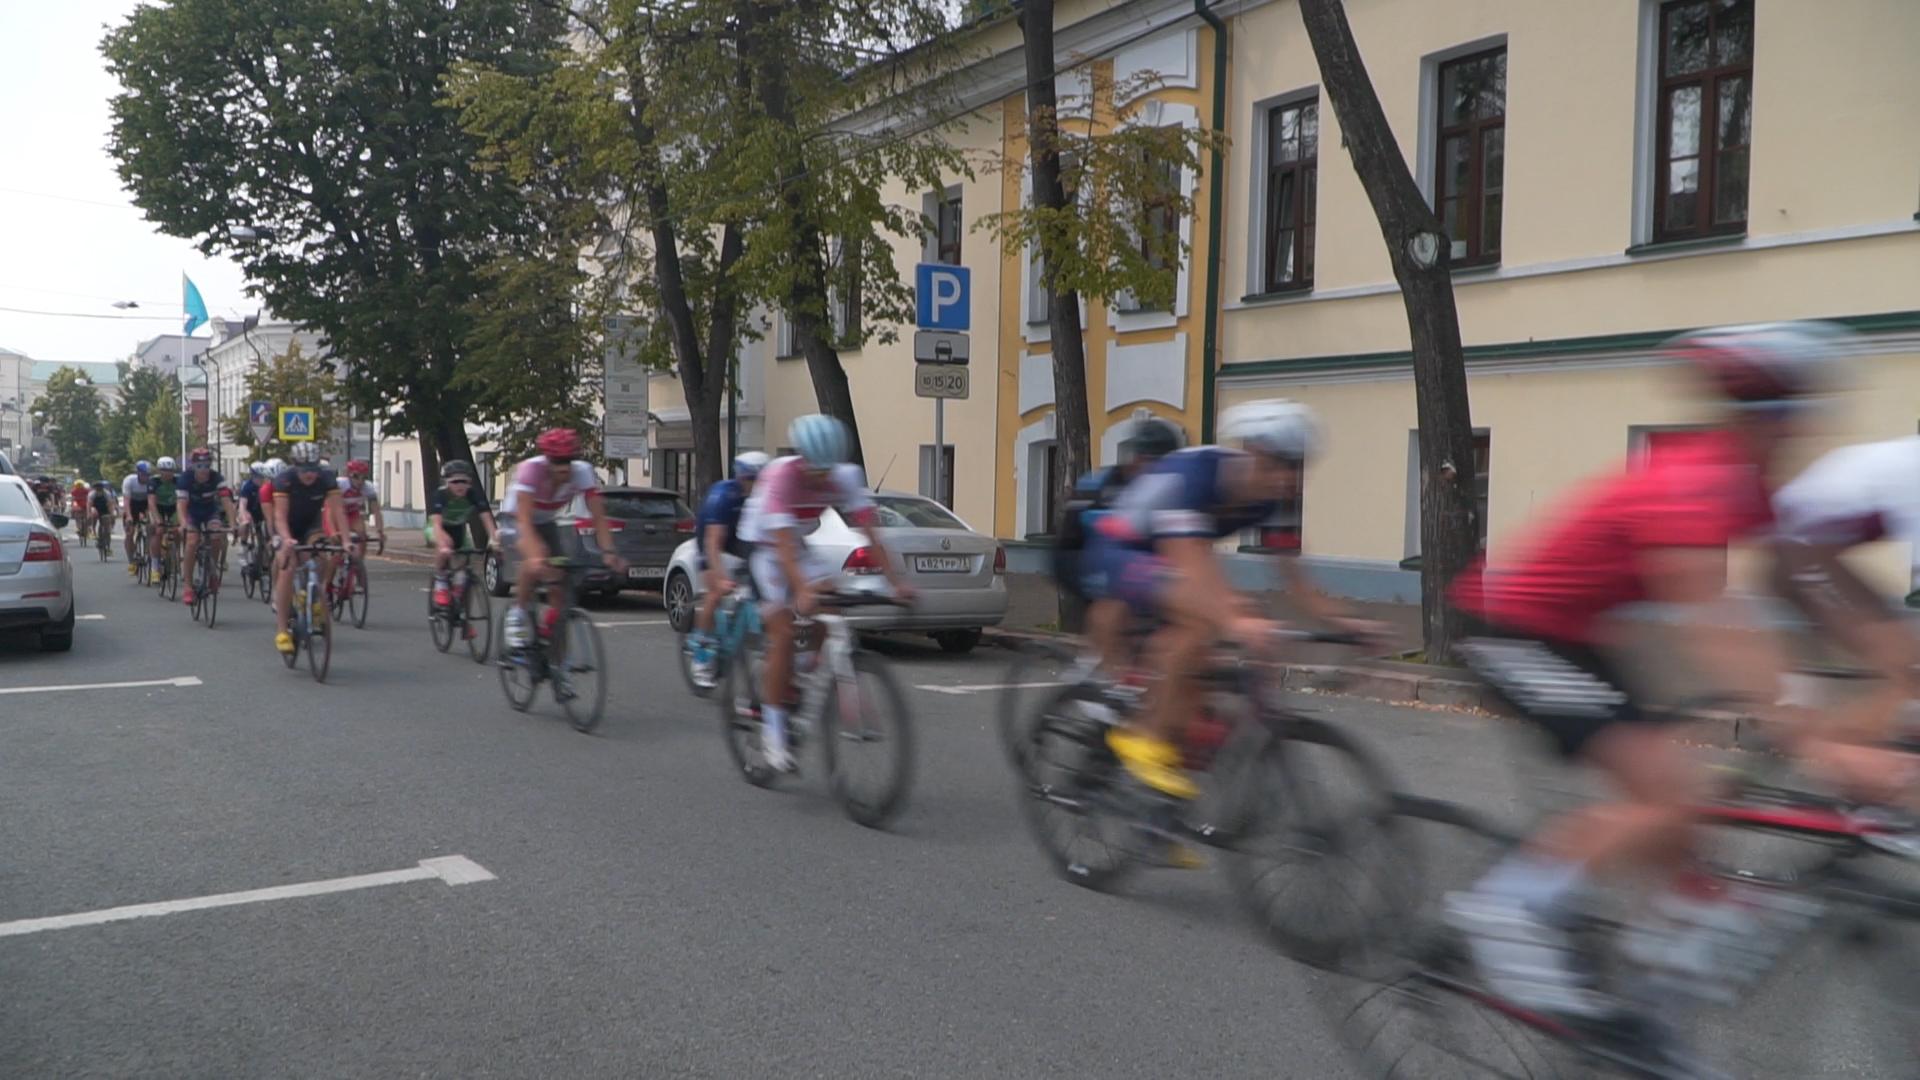 триатлон велосипедисты